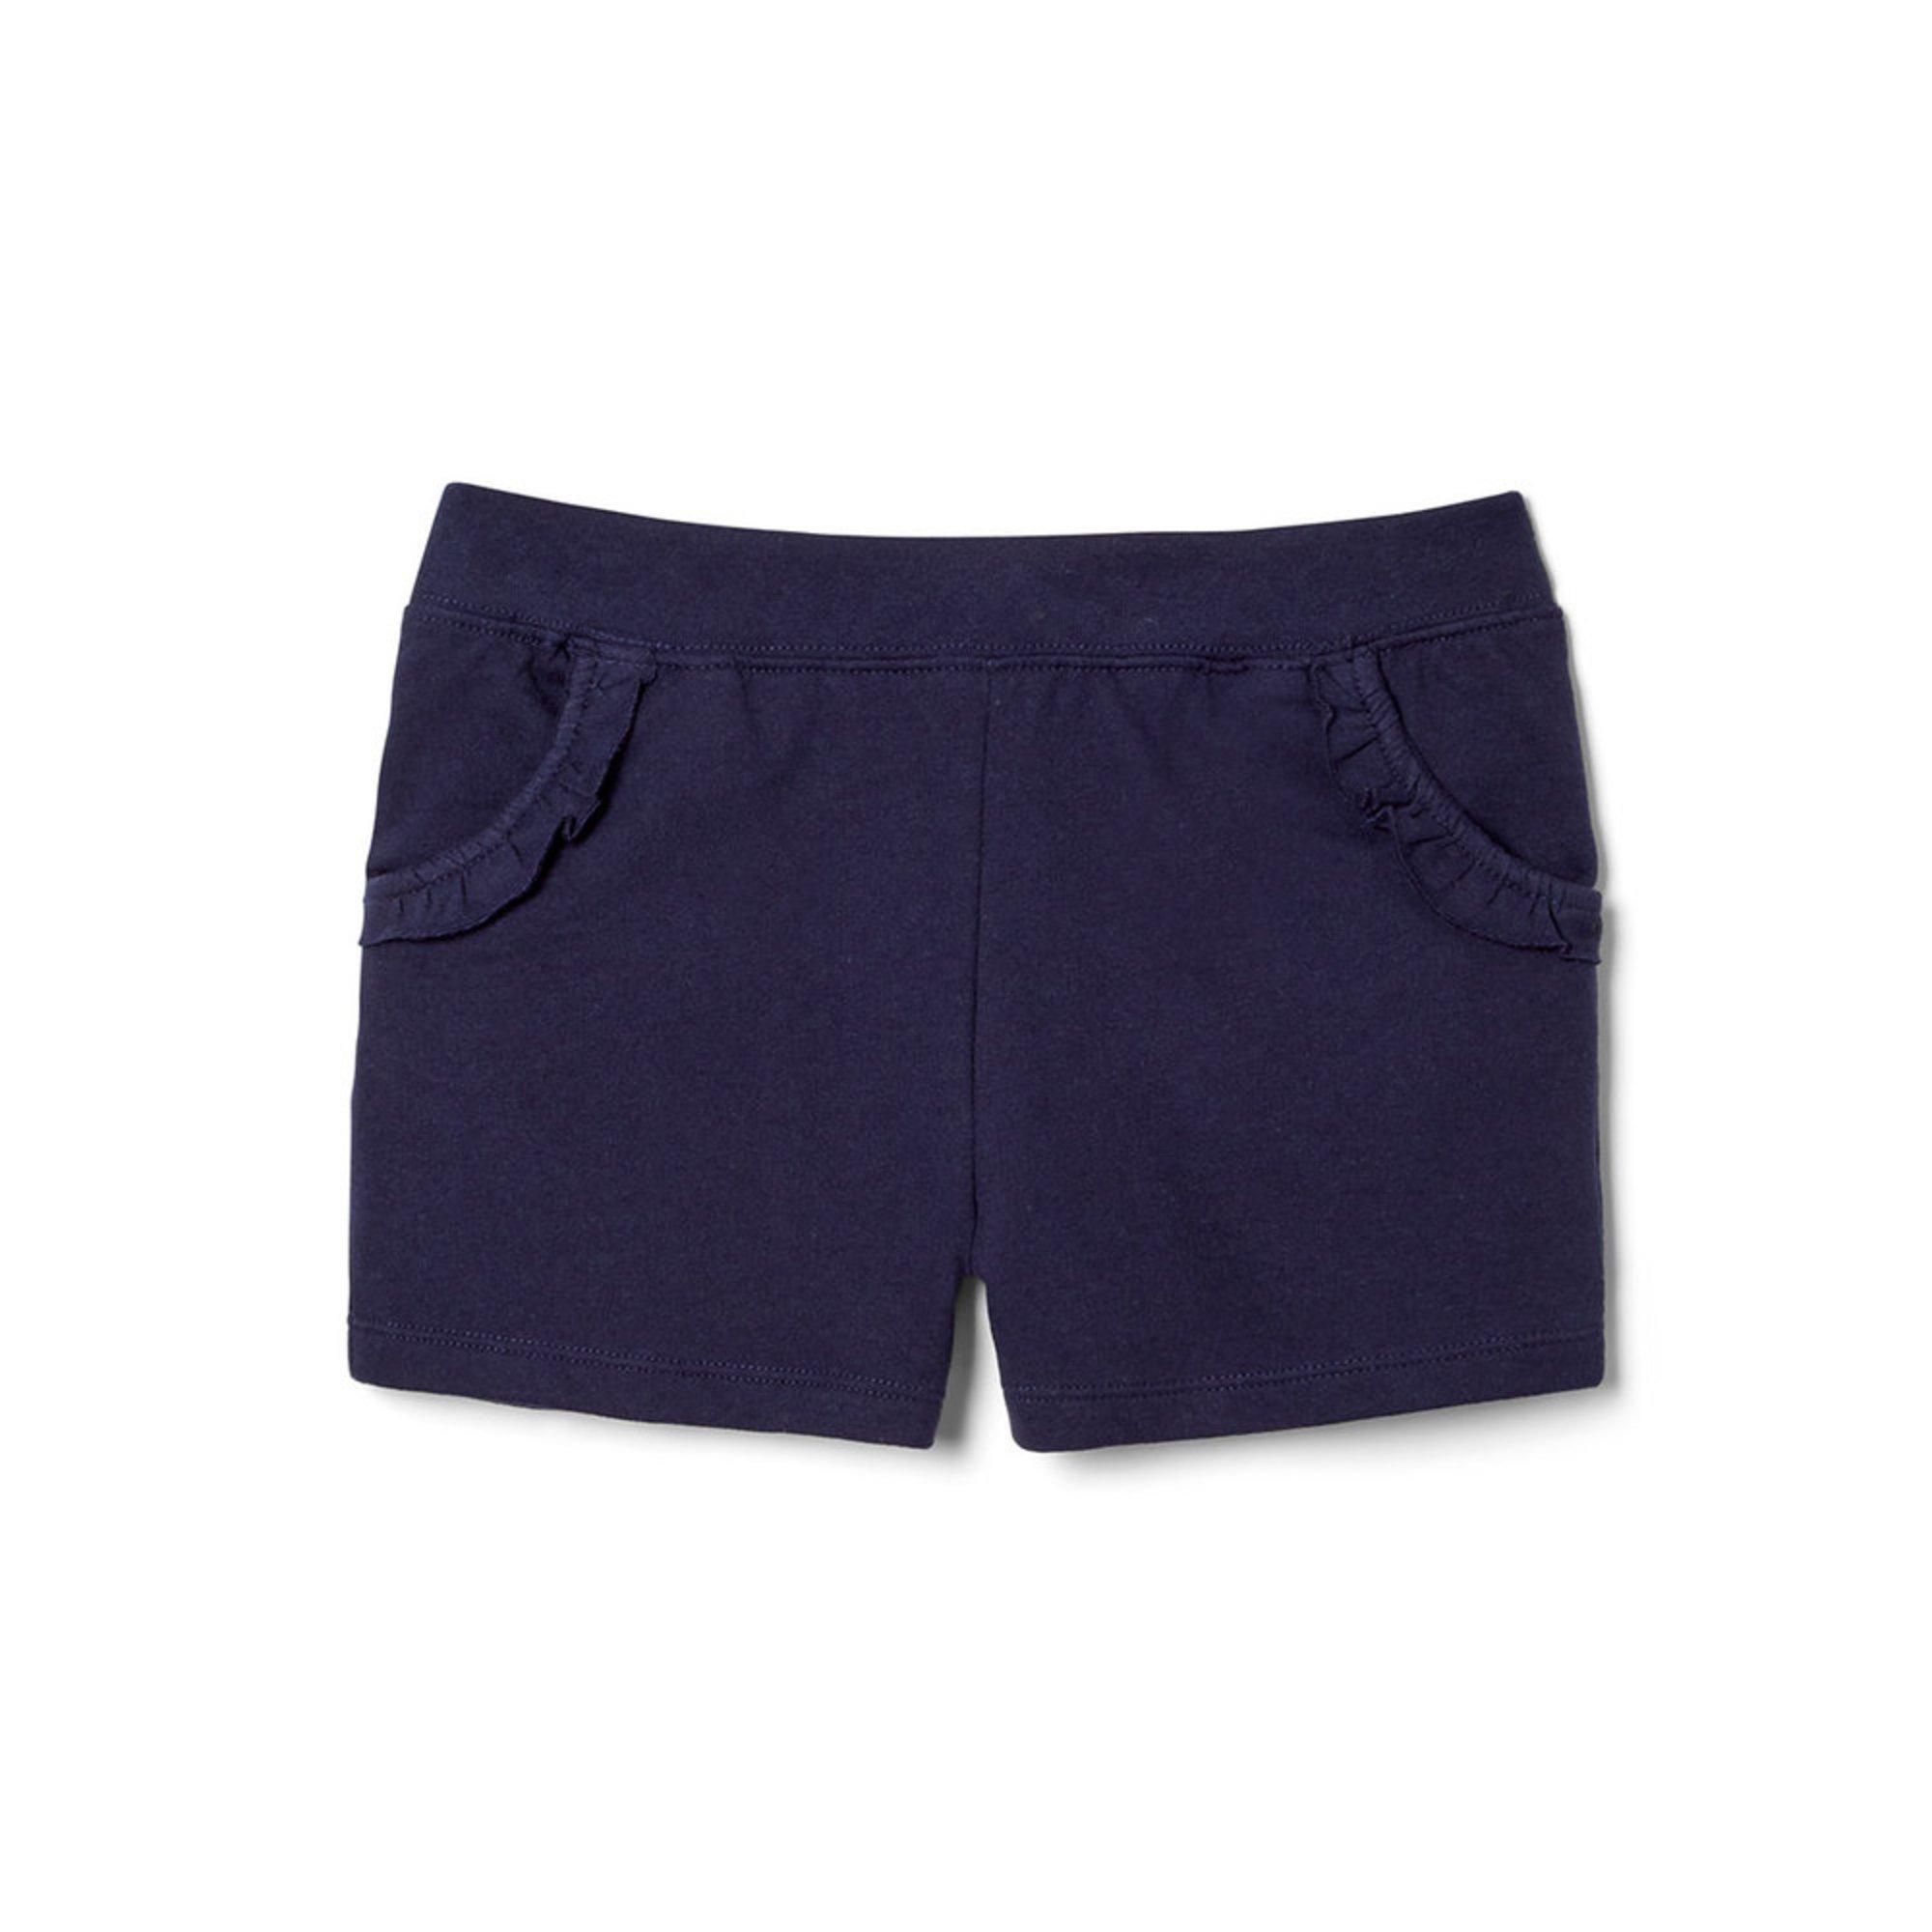 Yarn & Sea Little Girls' Ruffle Knit Shorts | Little Girls